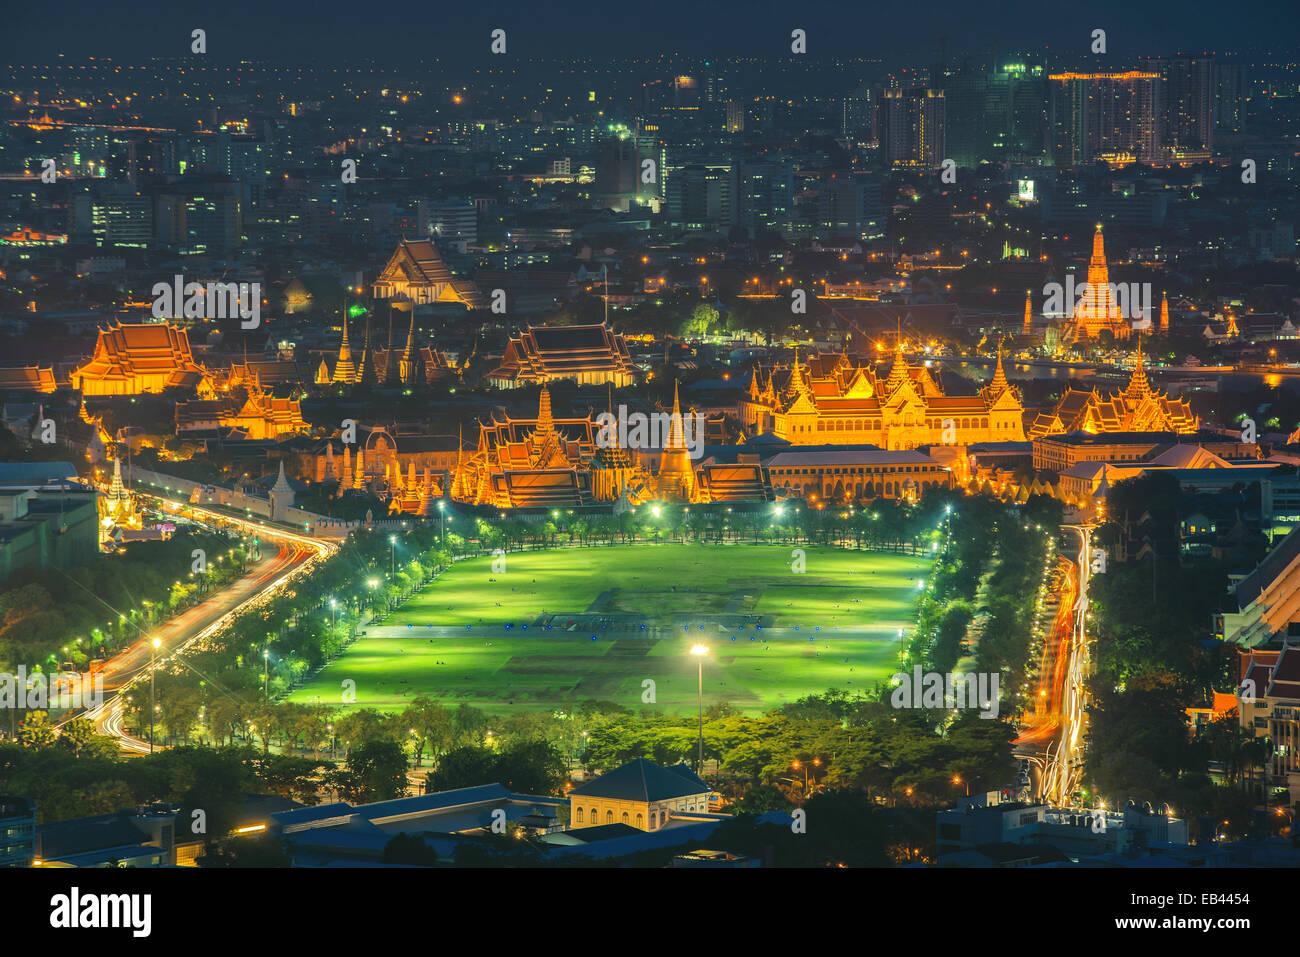 Grand palace at twilight in Bangkok, Thailand - Stock Image